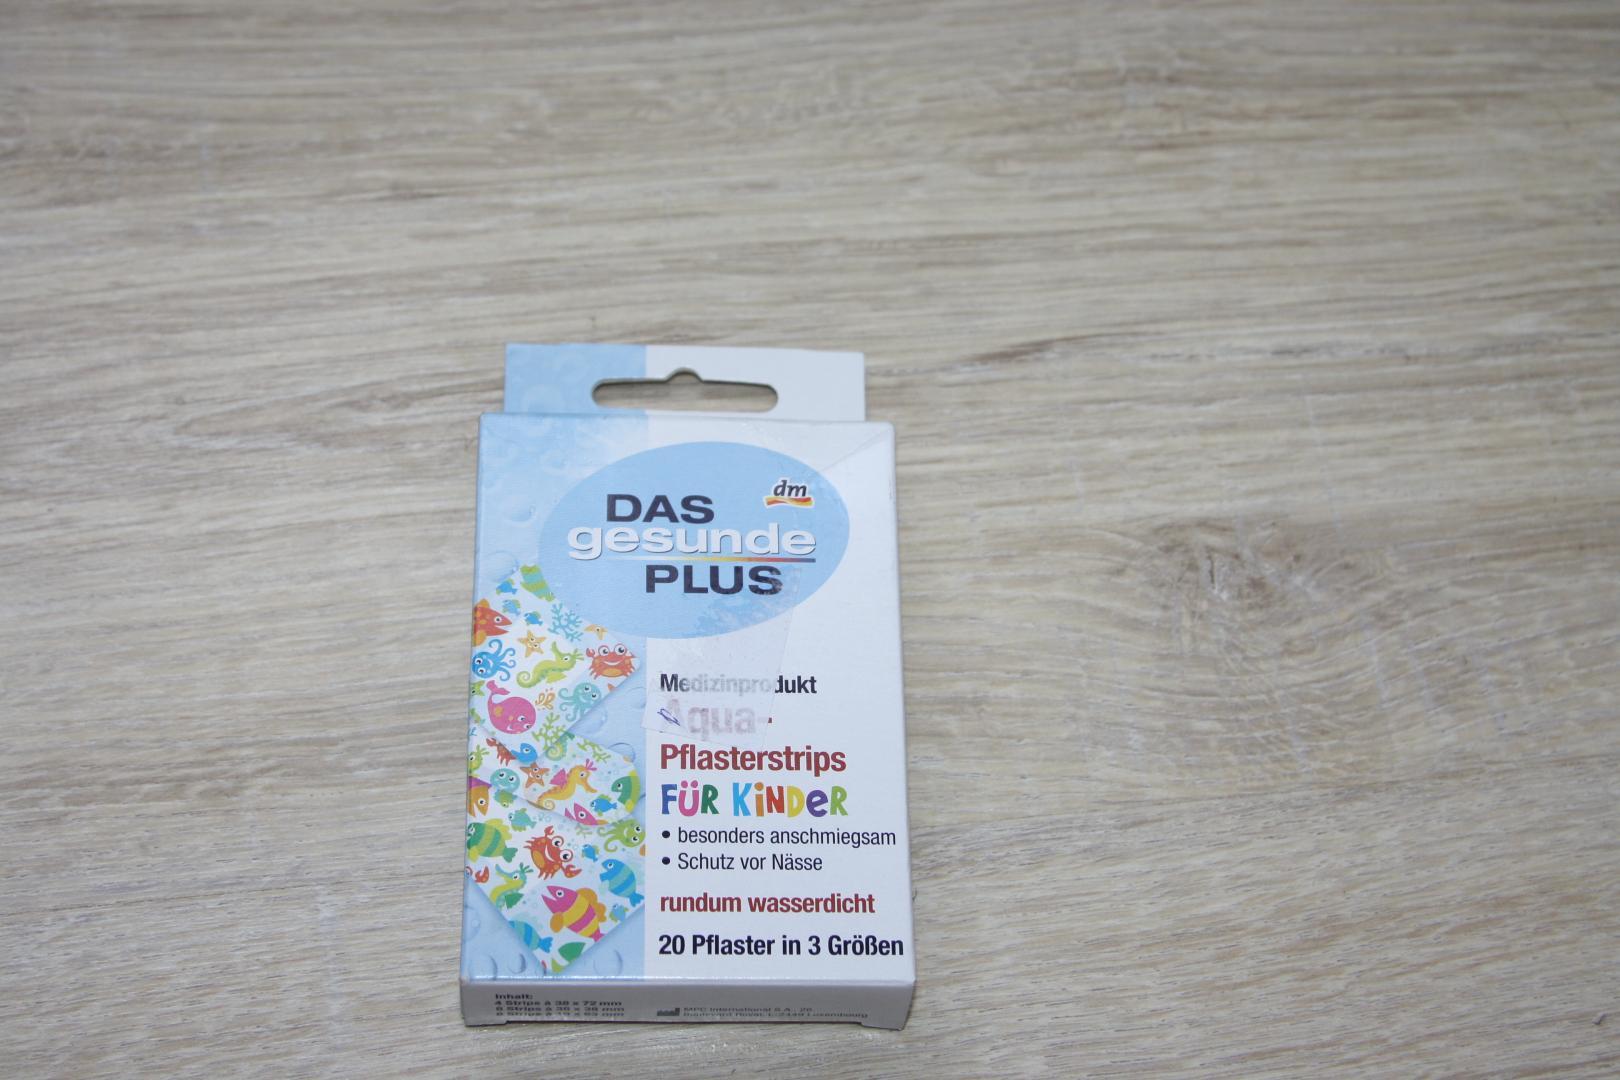 Отзыв на DAS gesunde PLUS Aqua-Пластырь Trips для Теплый'Y 20 St Медицинское изделие из Интернет-Магазина DM